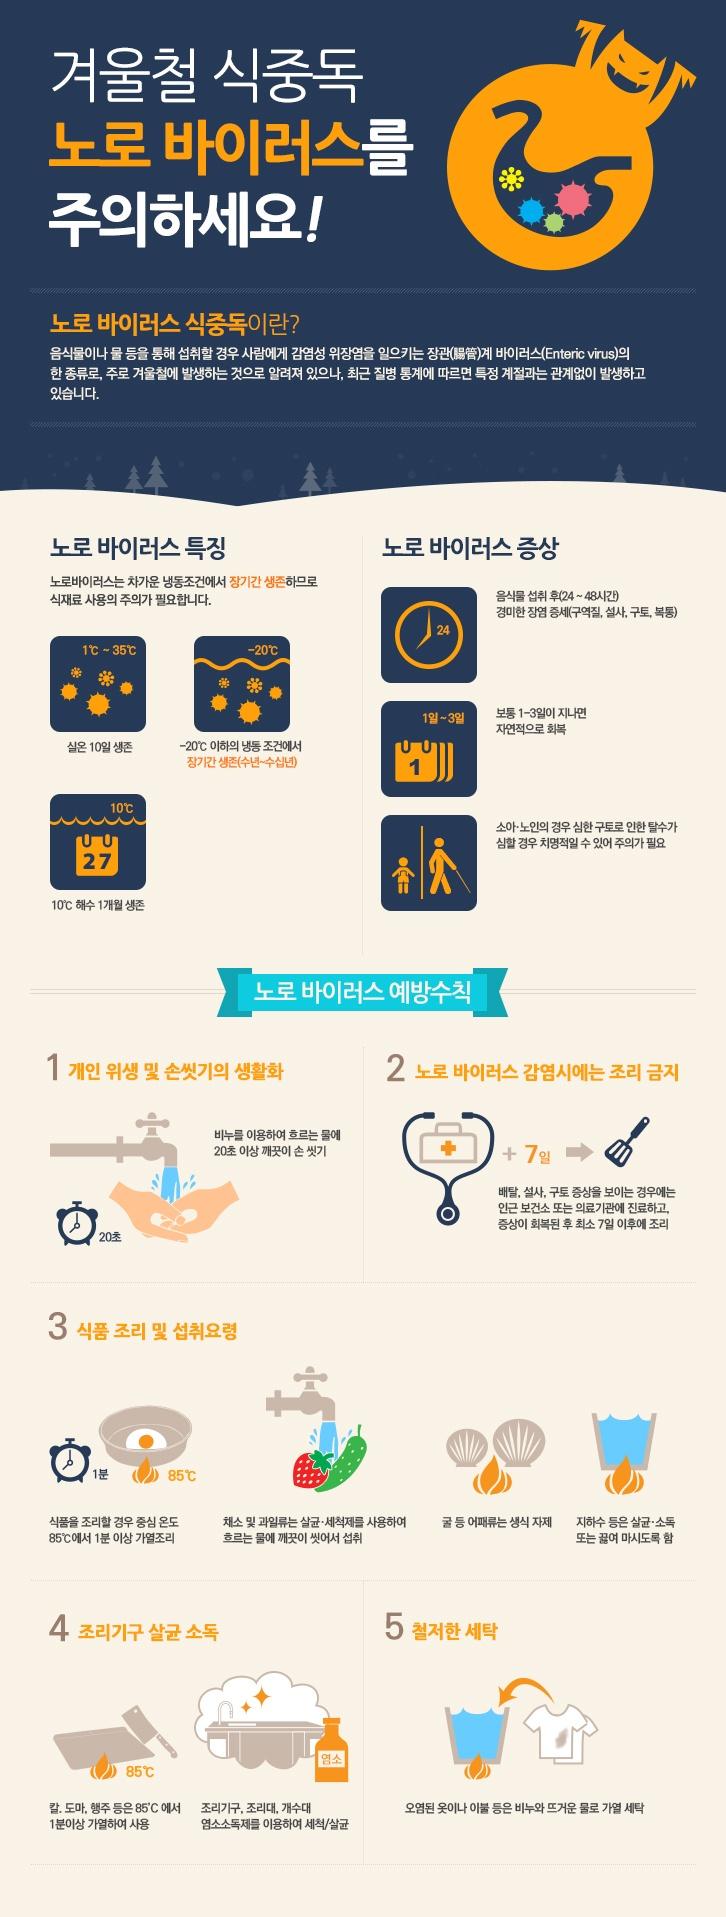 겨울철 식중독 '노로바이러스' 예방수칙  출처 : www.korea.go.kr